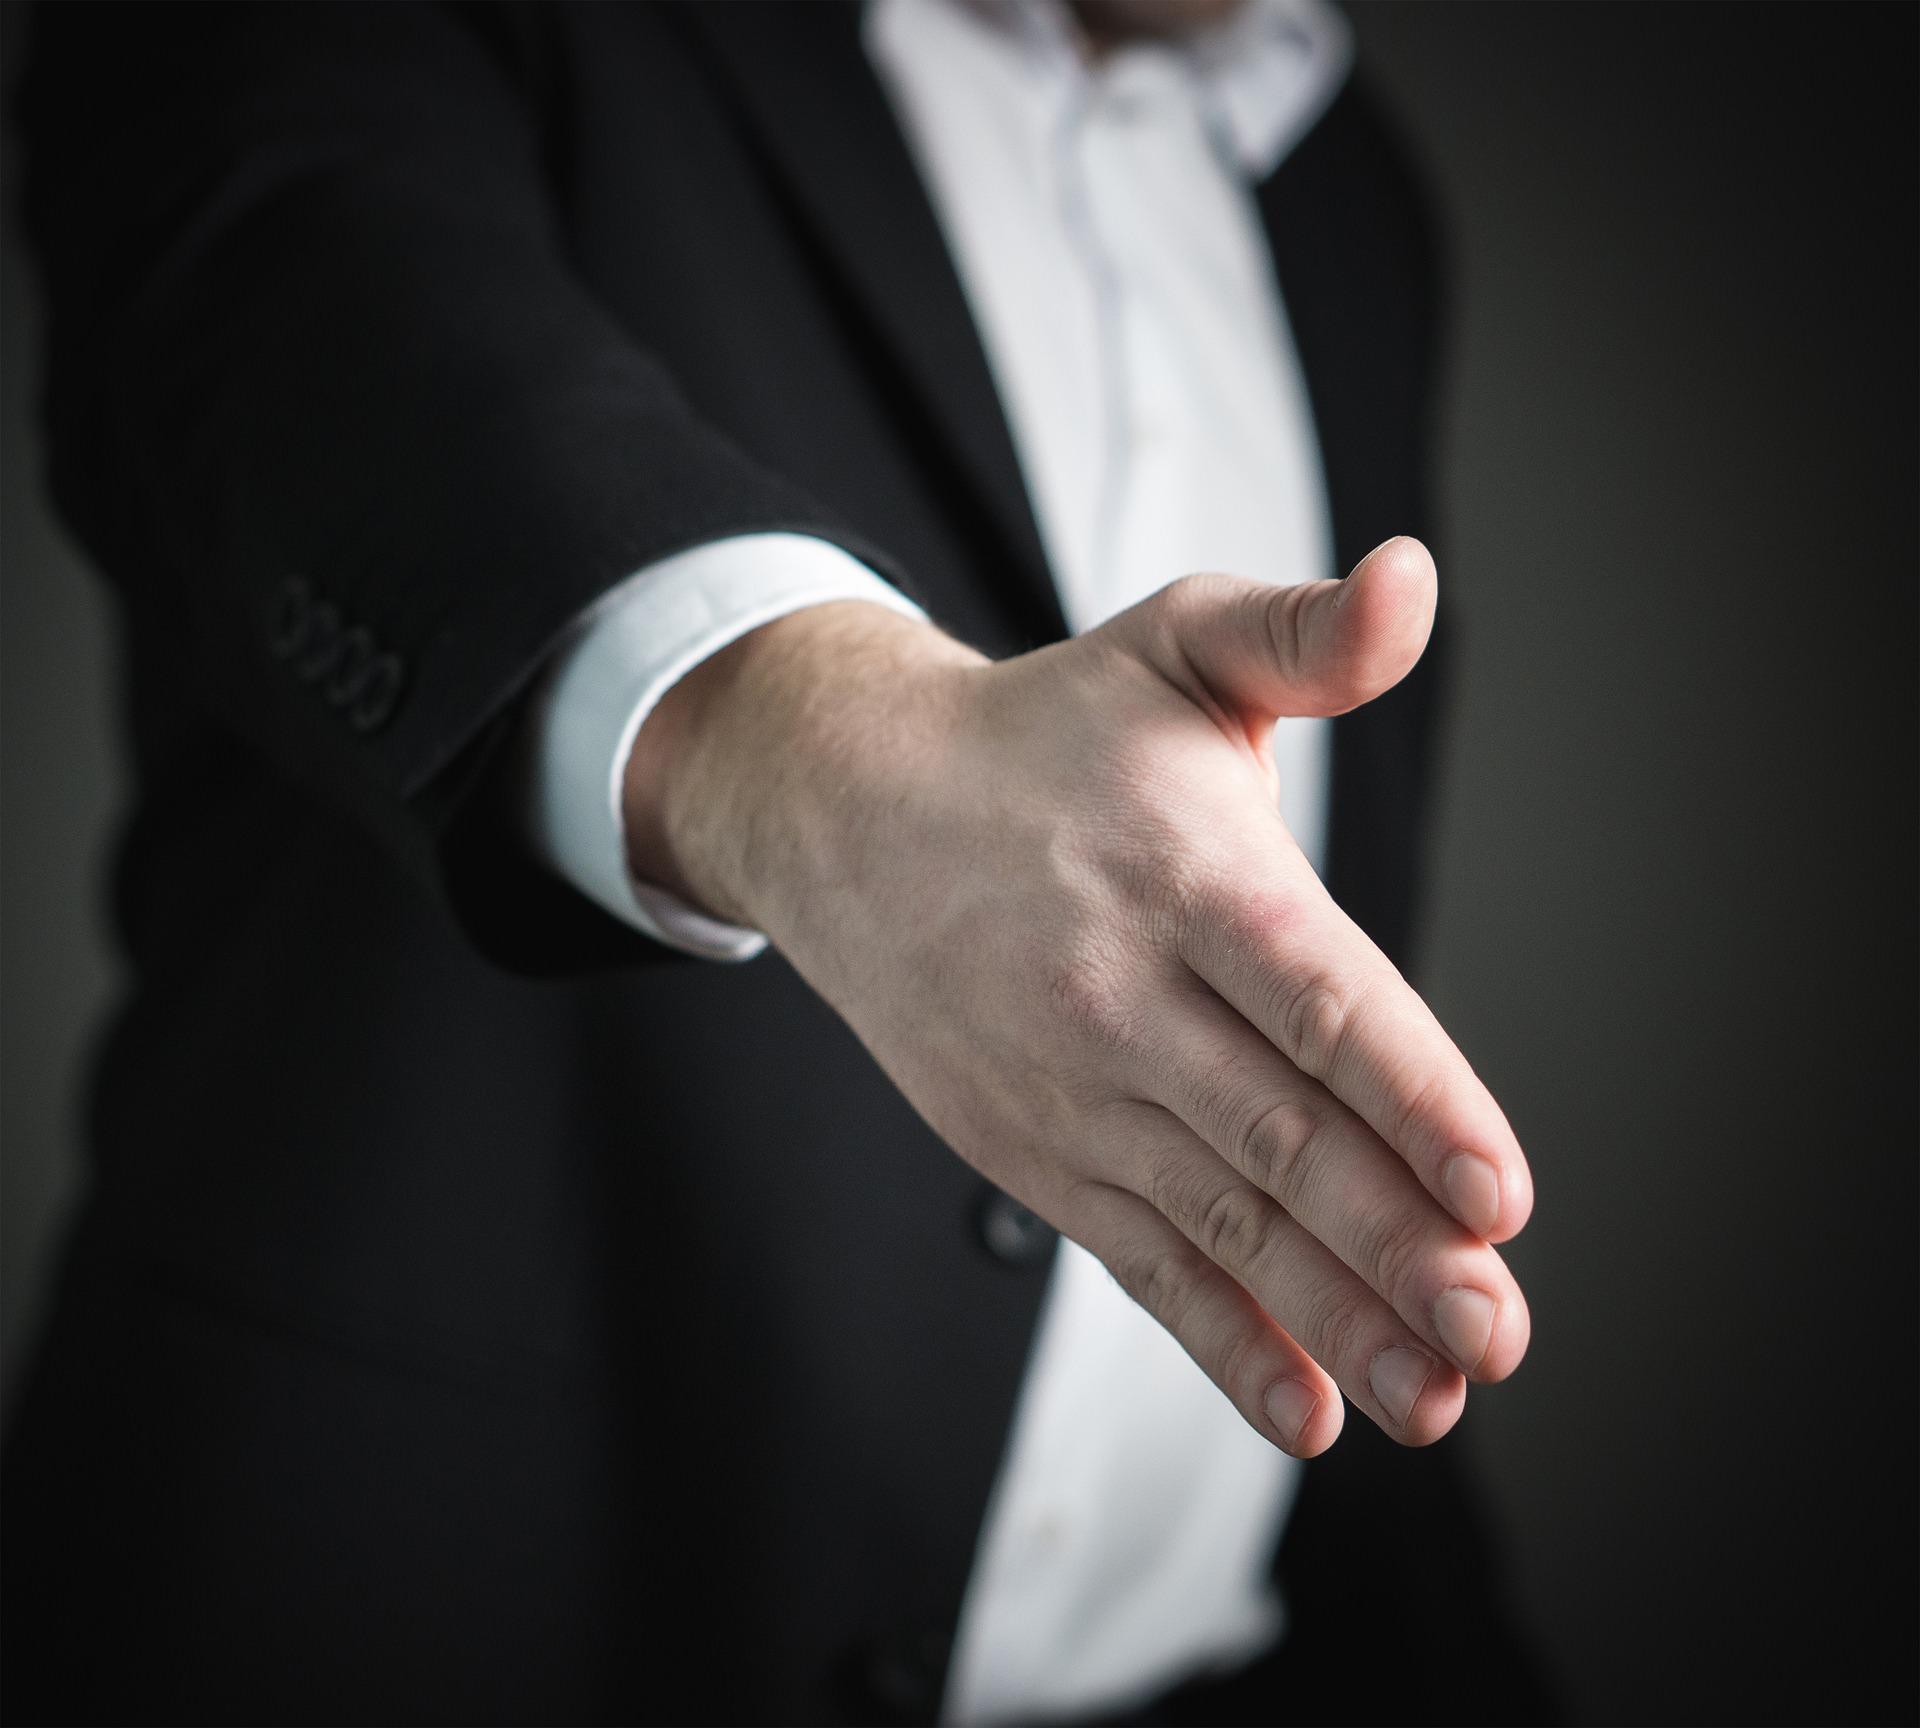 リストラされるのは買収された会社のスタッフ